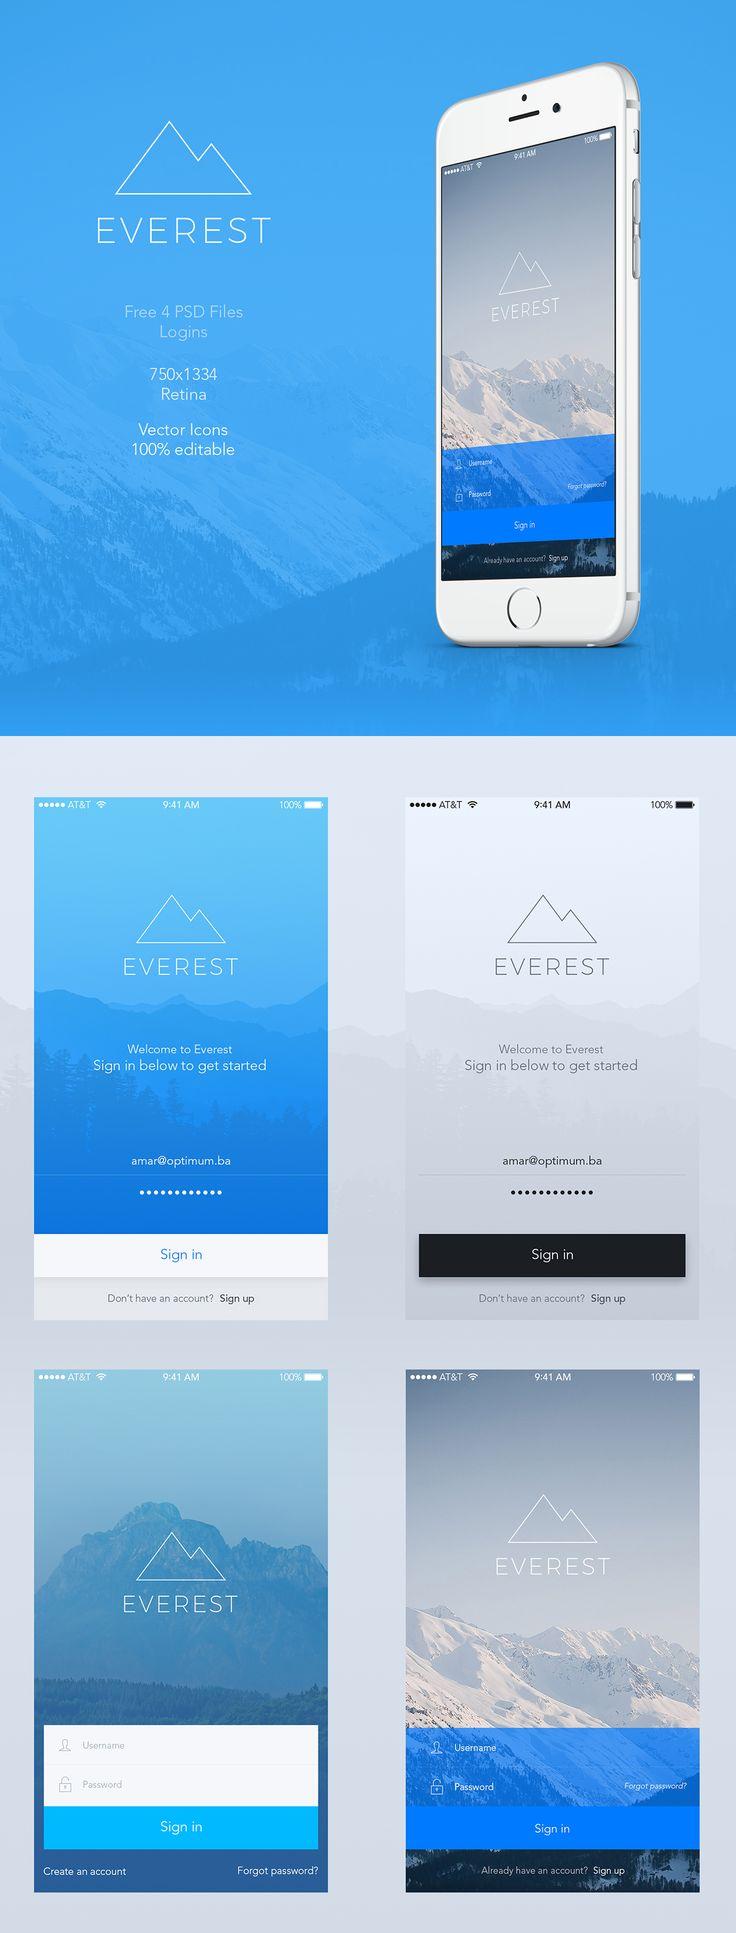 Everest - Mobile App UI FREE PSD Logins on Behance